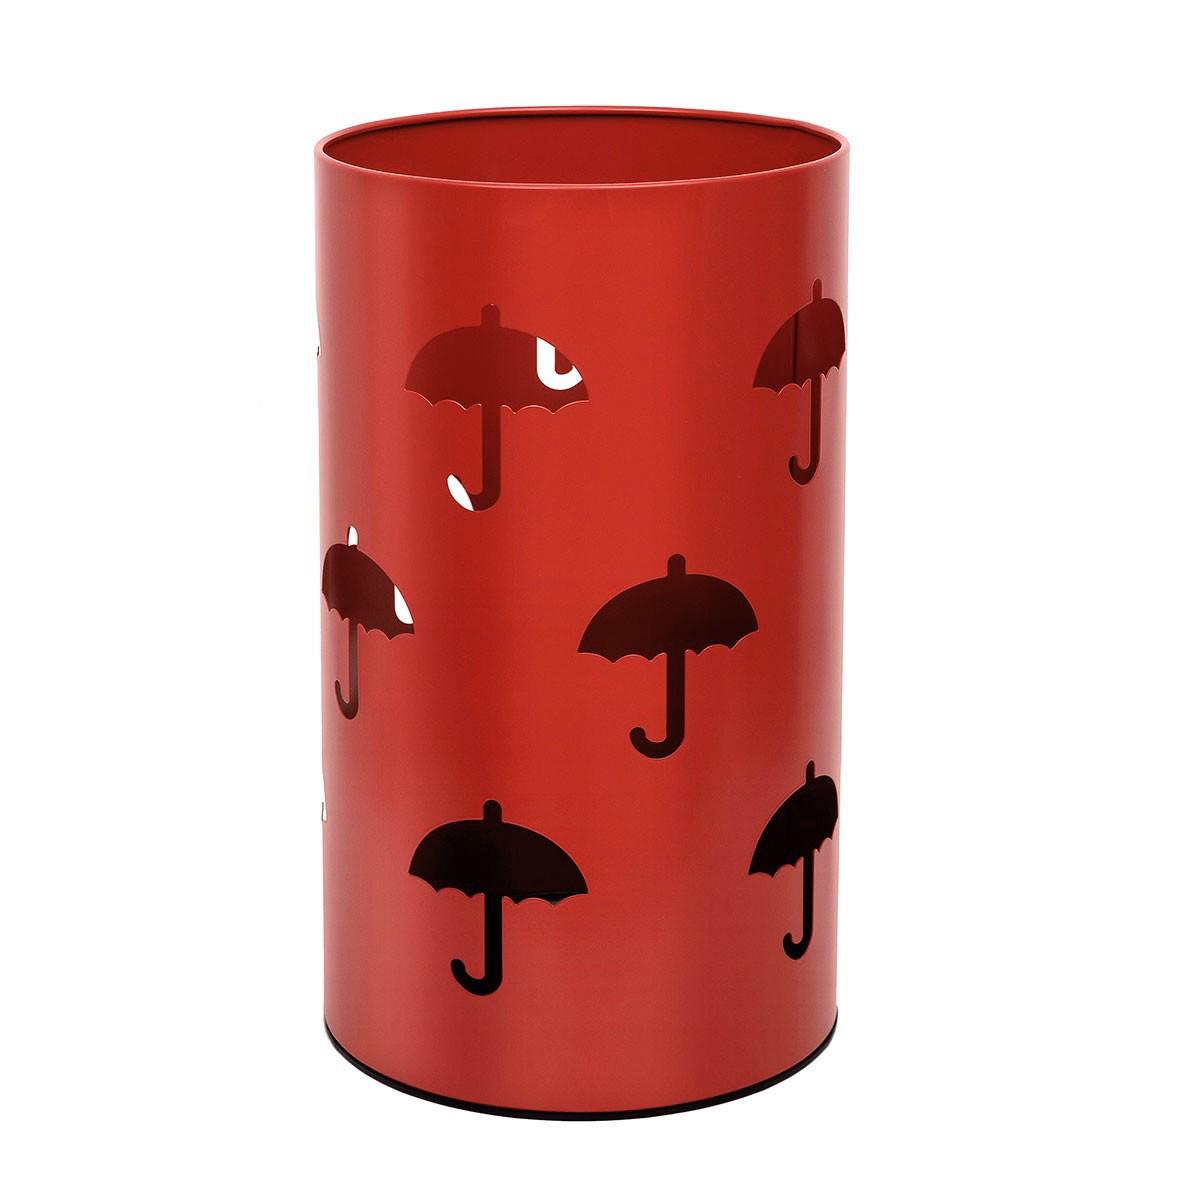 Ομπρελοθήκη 25x44 PamCo 21-503 Κόκκινο Matte